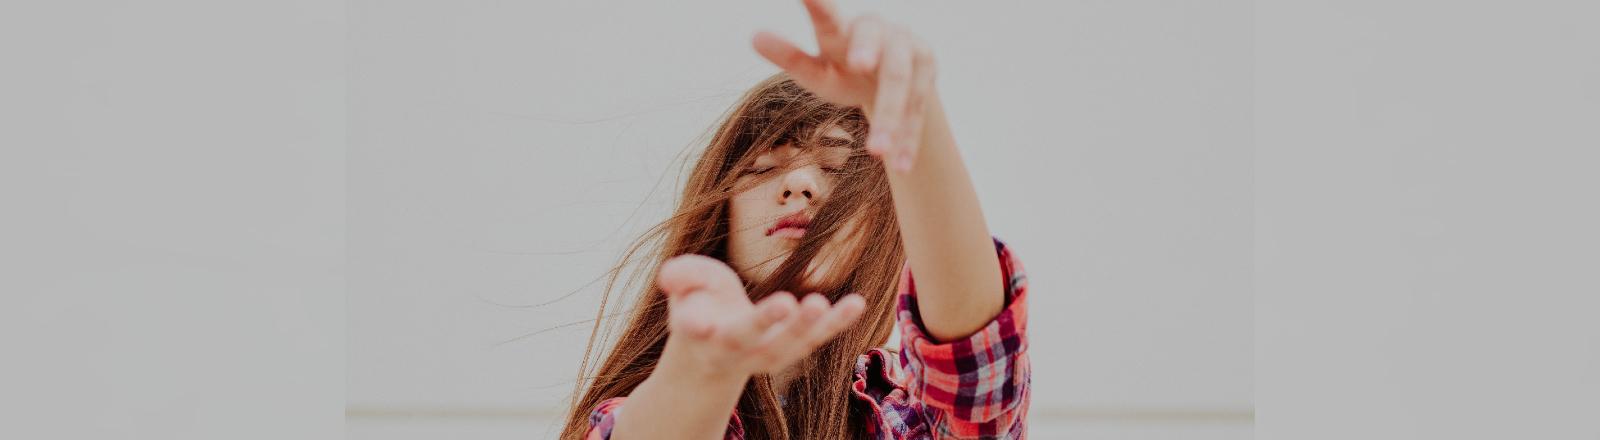 Eine junge Frau streckt ihre Arme mit geschlossenen Augen nach vorn aus.